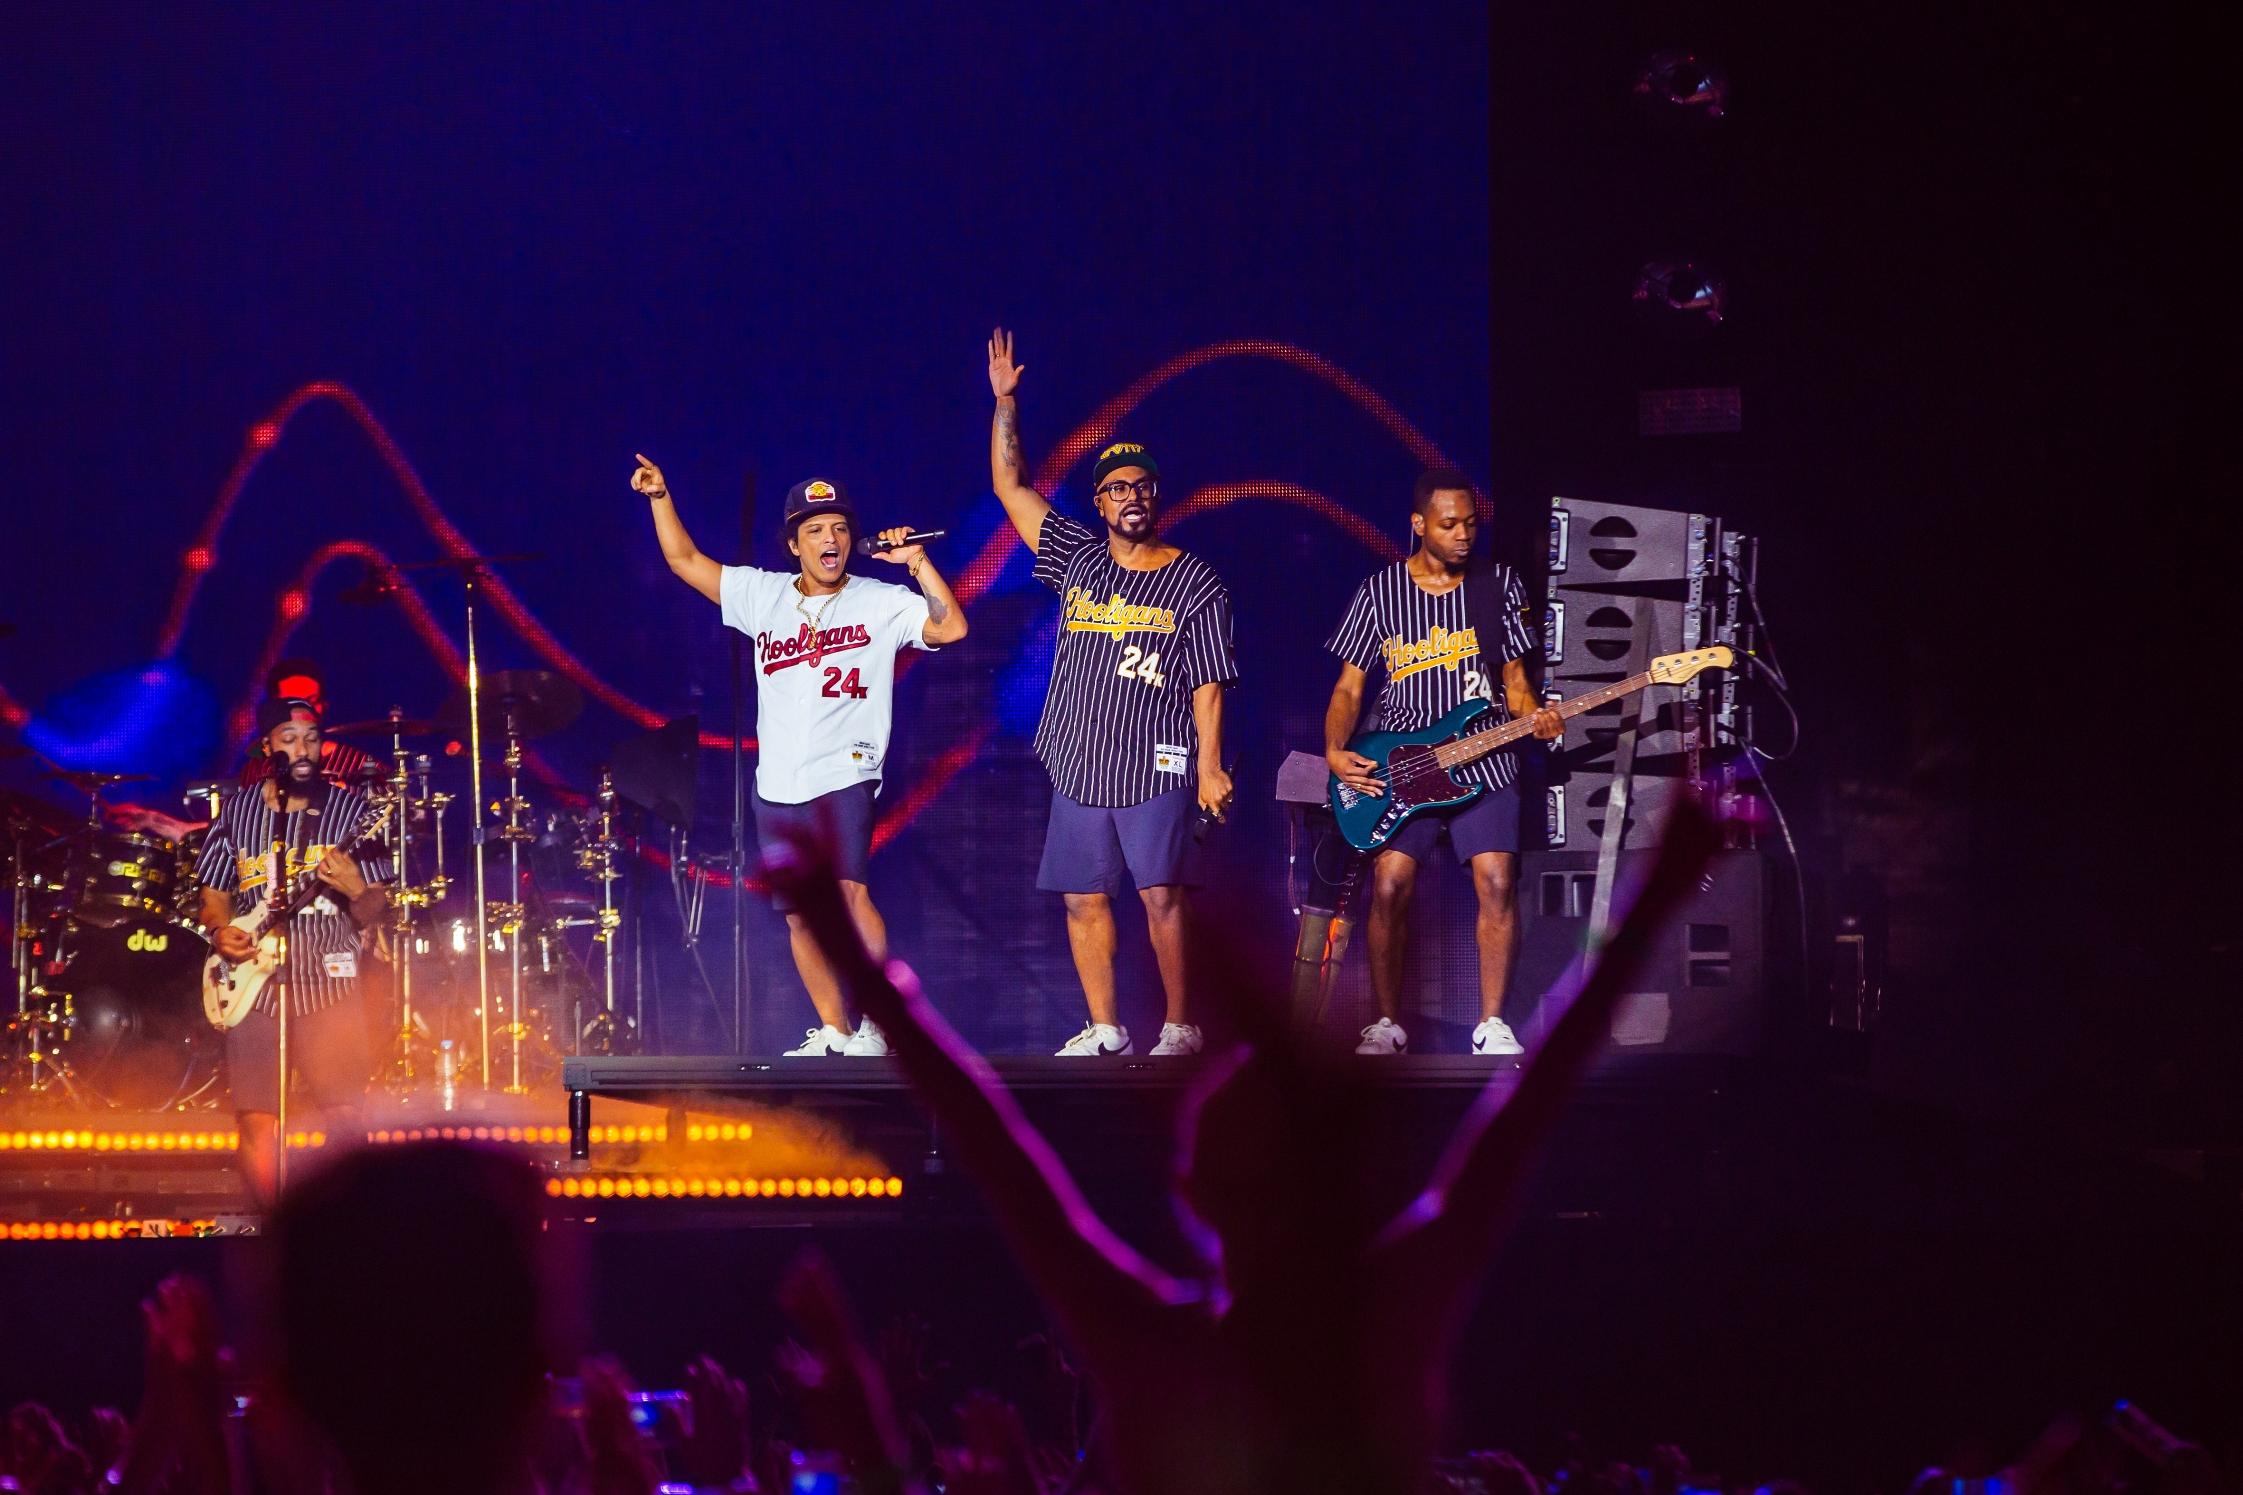 Bruno Mars se apresentou na Praça da Apoteose, no Rio de Janeiro (Crédito: Florent Déchard)